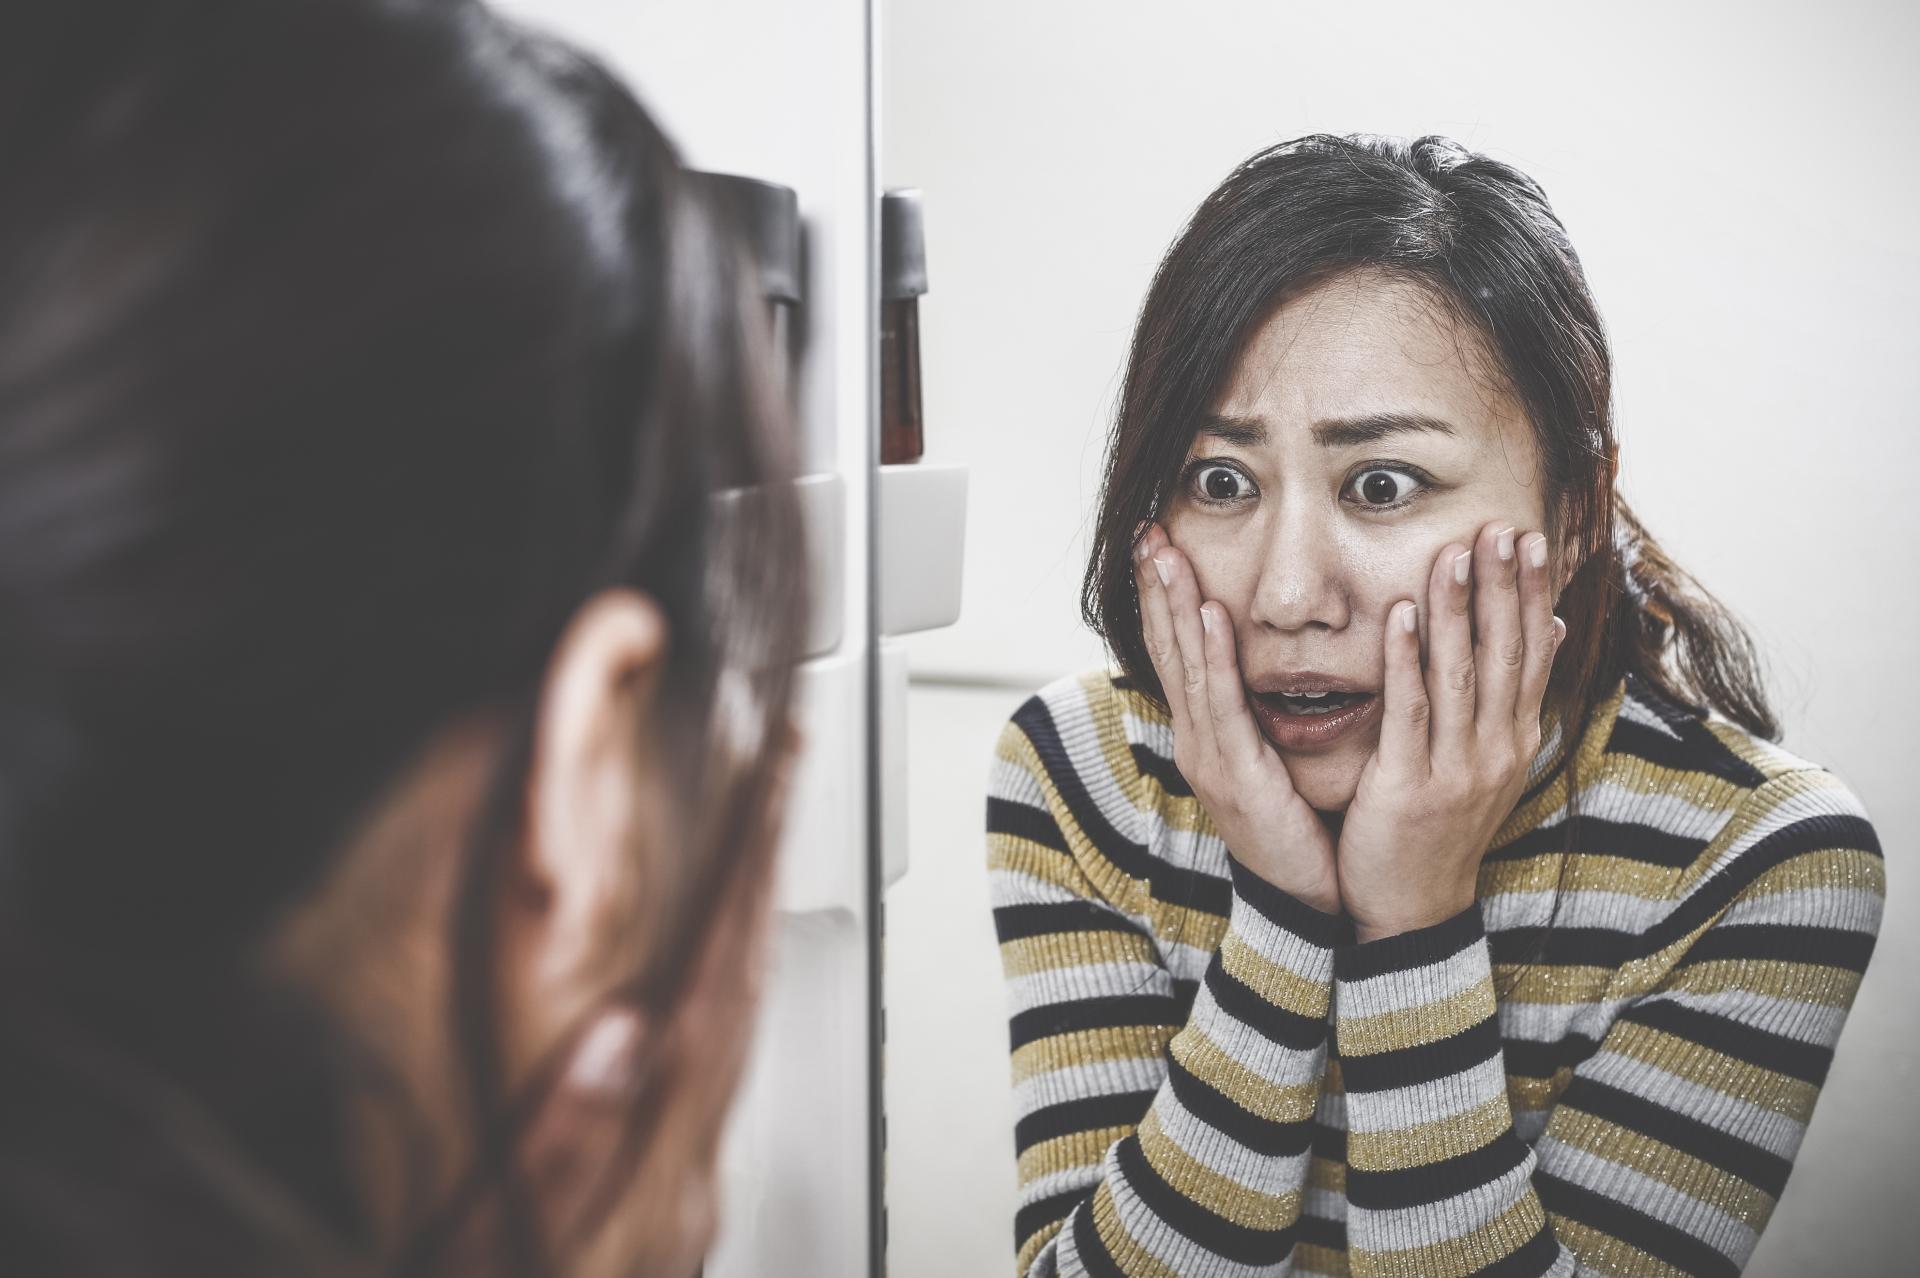 鏡を見てショックを受ける女性